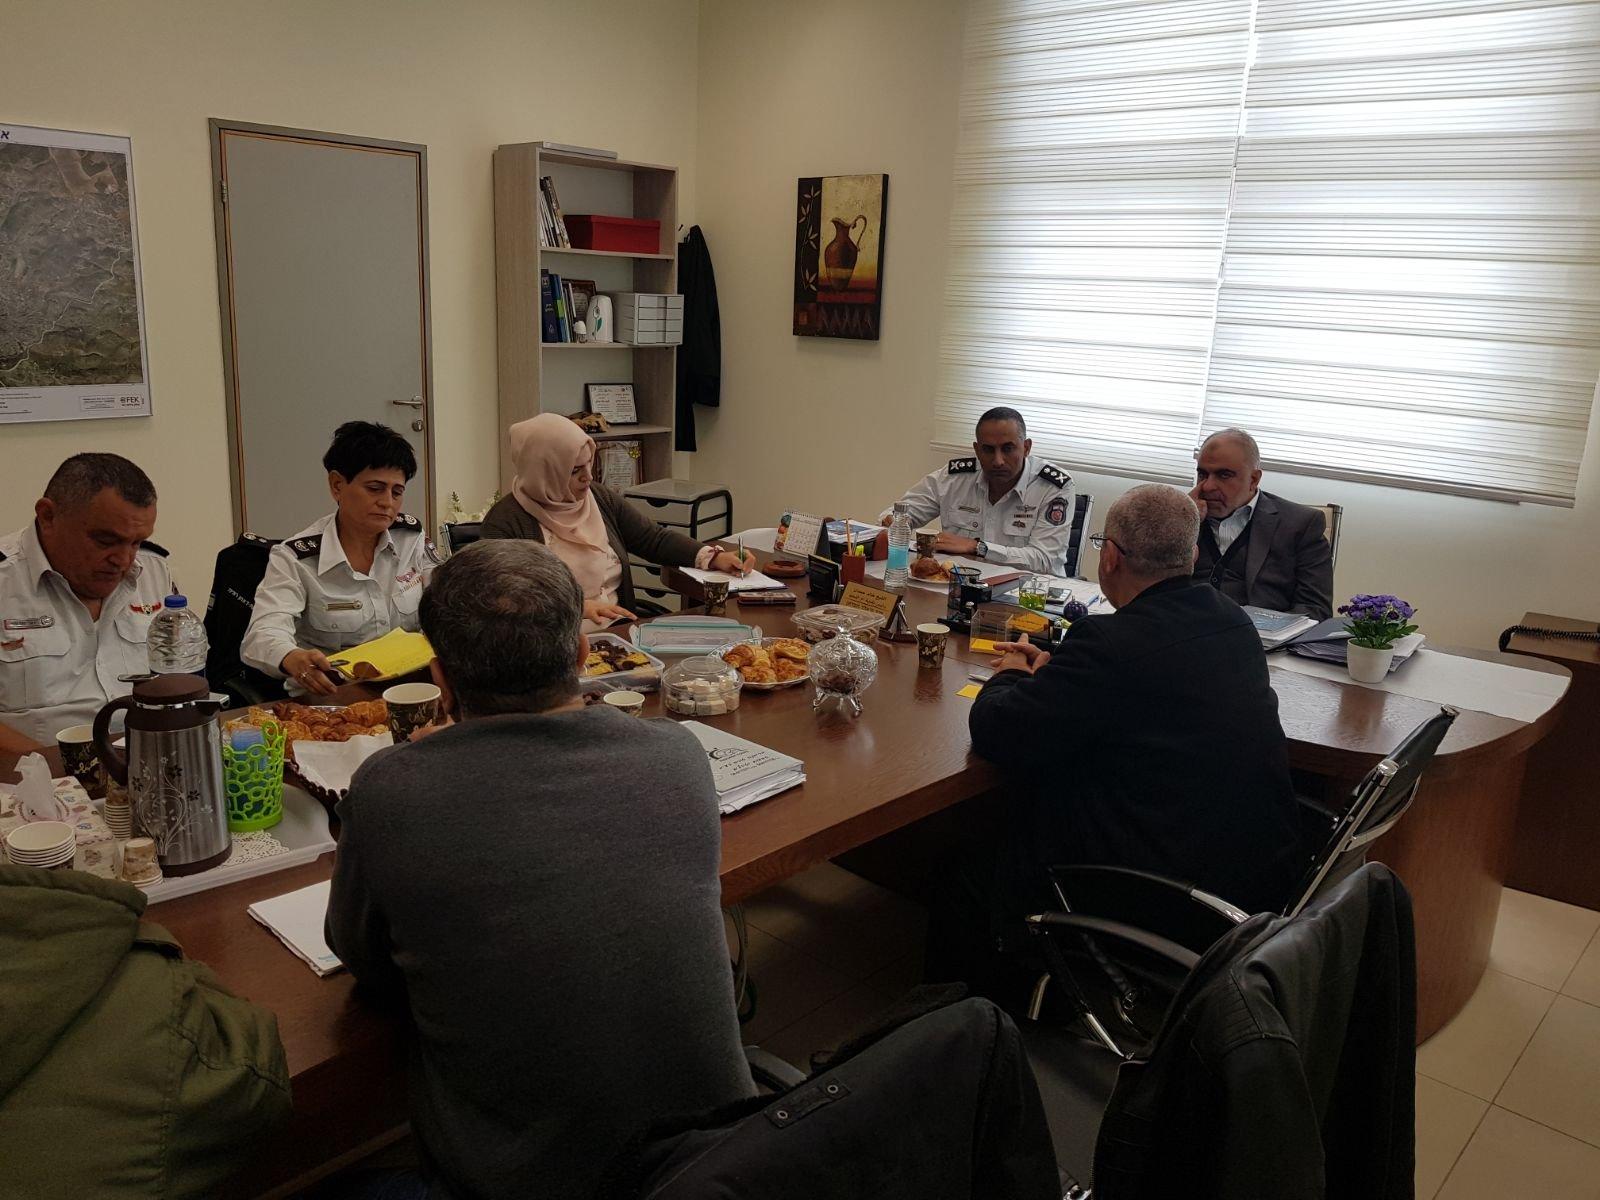 جلسة عمل بين رئيس بلدية ام الفحم الشيخ خالد حمدان وقائد سلة الاطفاء والانقاذ الجنرال ديدي سمحي